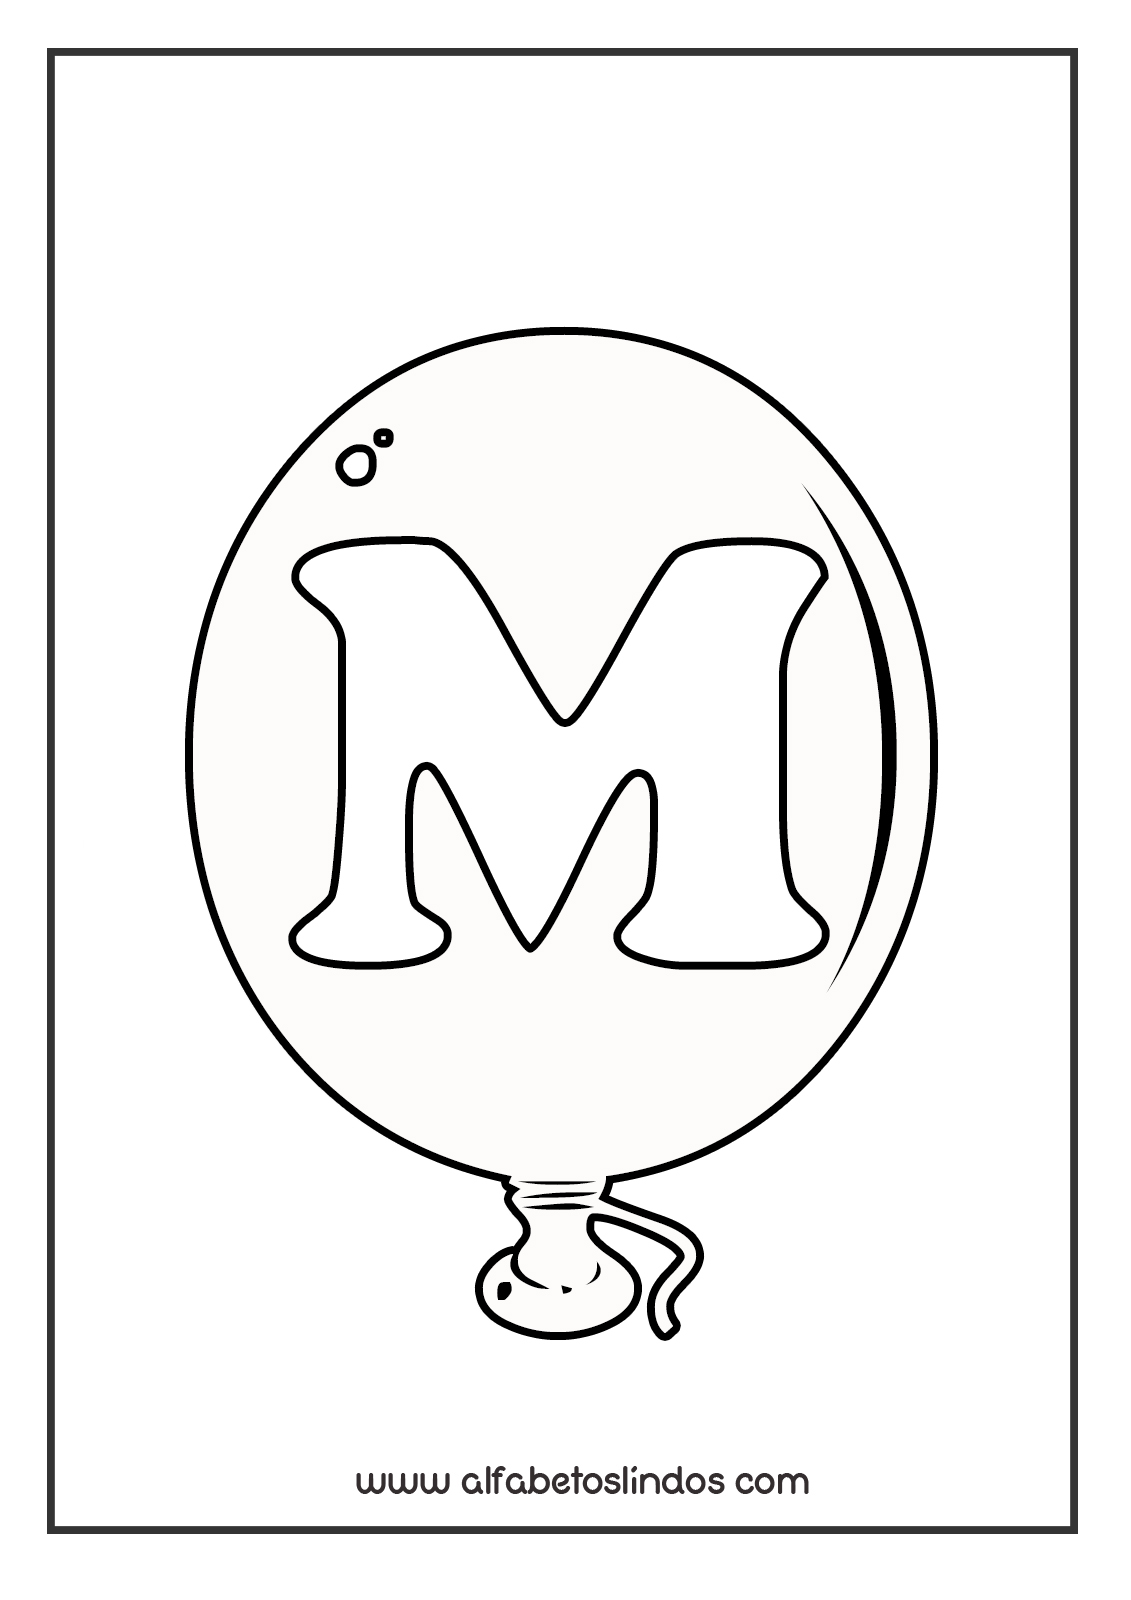 atividades para baixar alfabeto balões de aniversário para imprimir